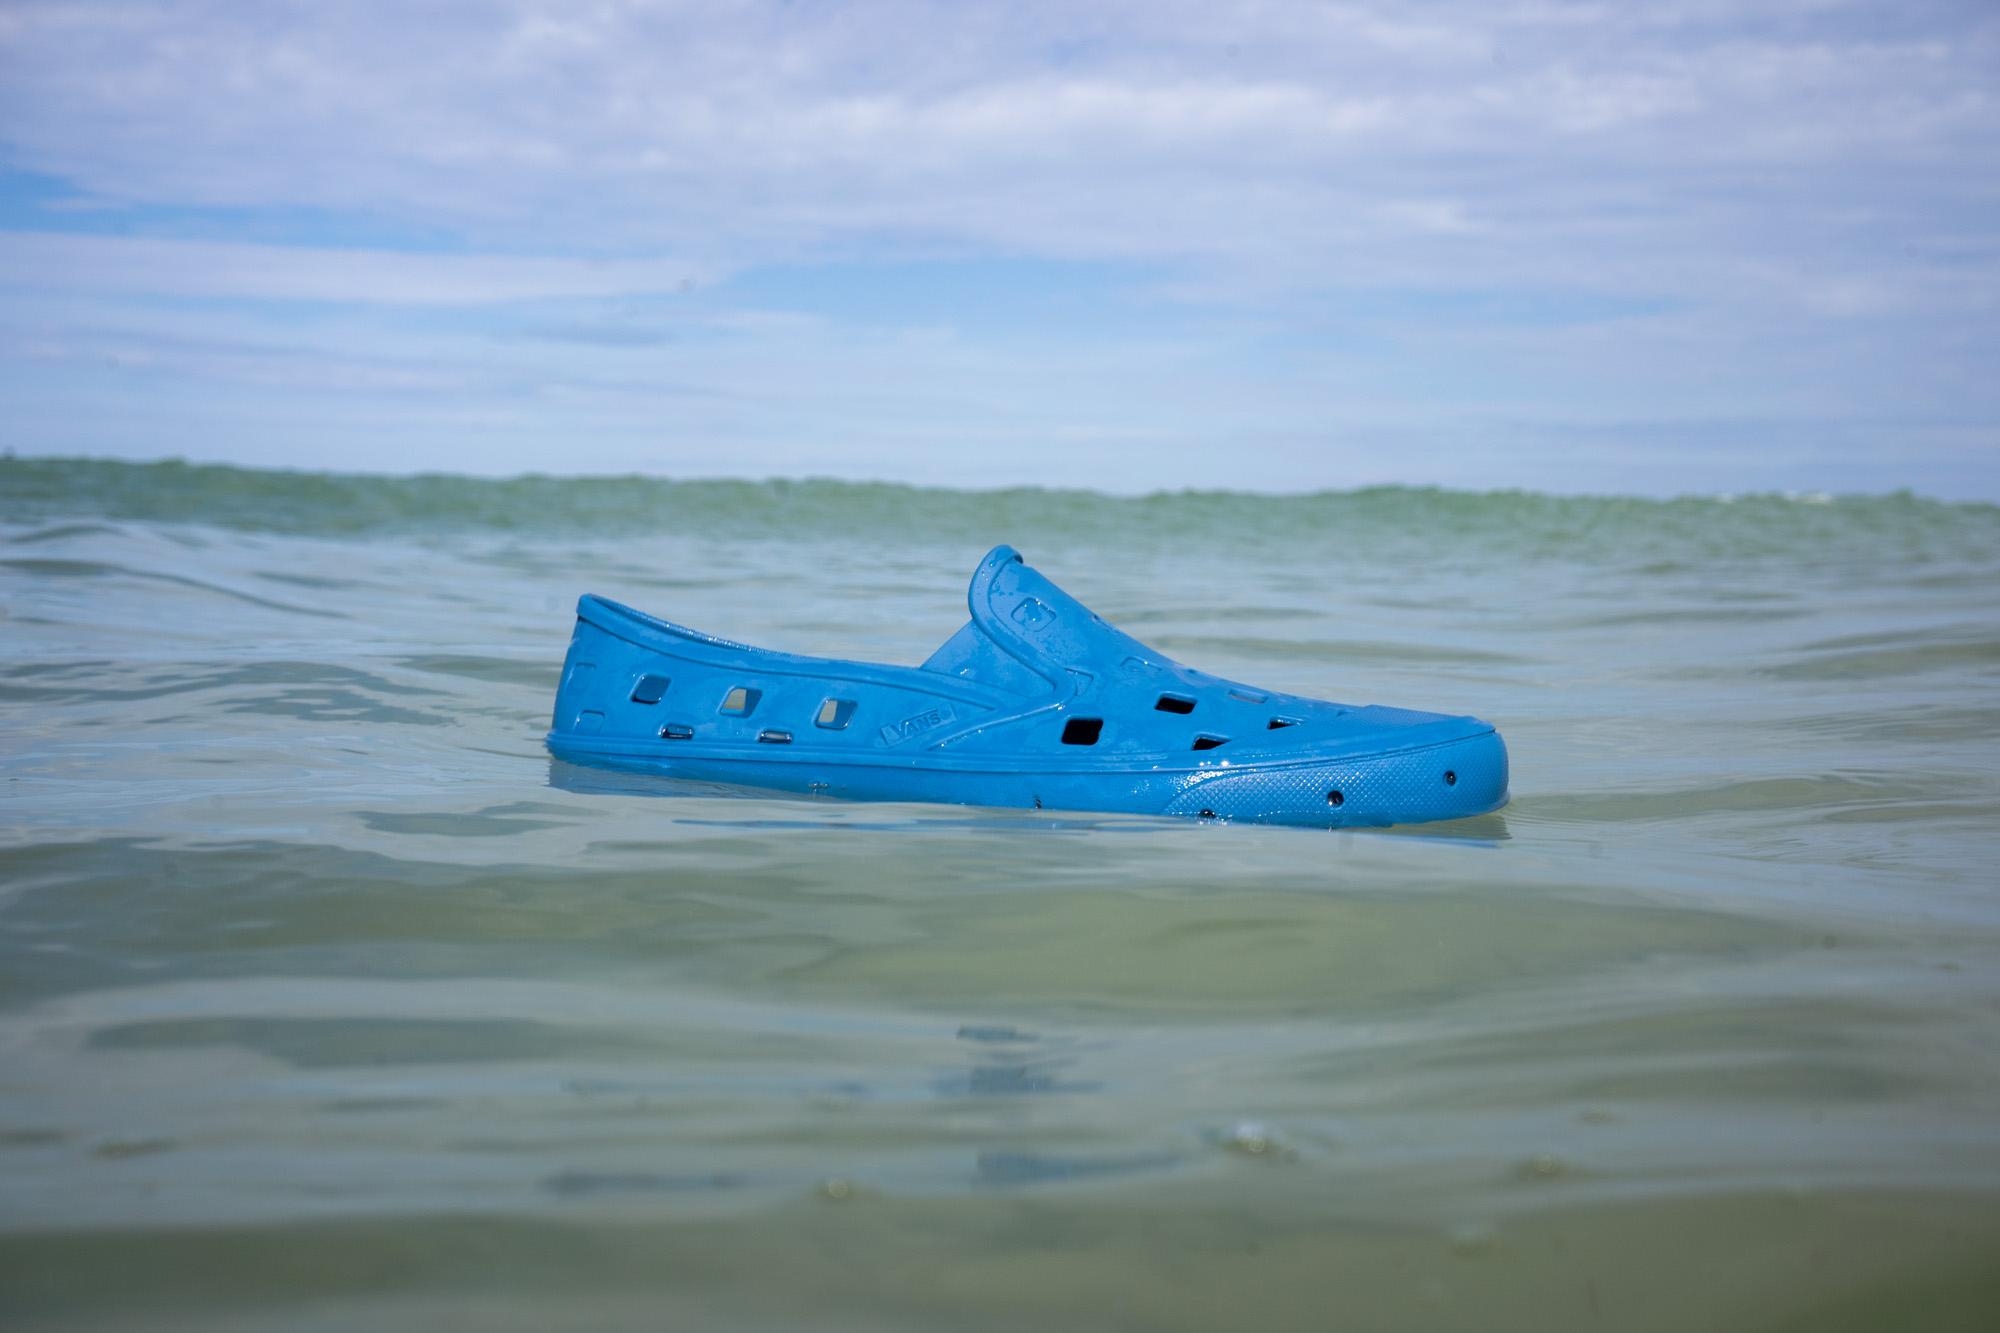 Vans - The Trek Slip-On - blue - Slip-On for Surfing